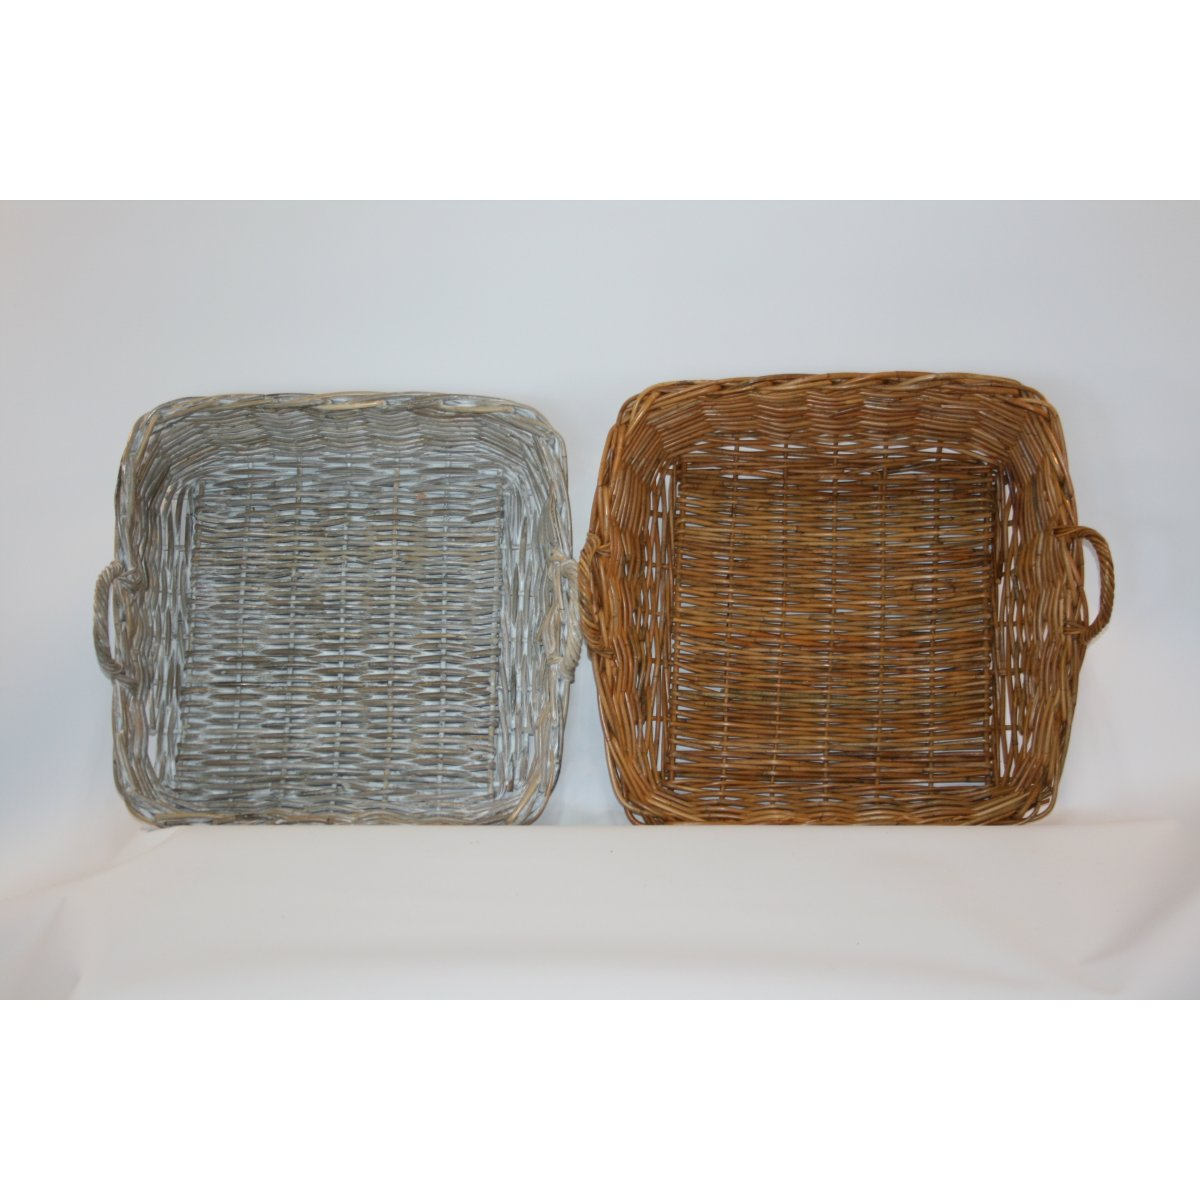 cesti espositori modello Arno in giunchino rosso e giunchino grigio